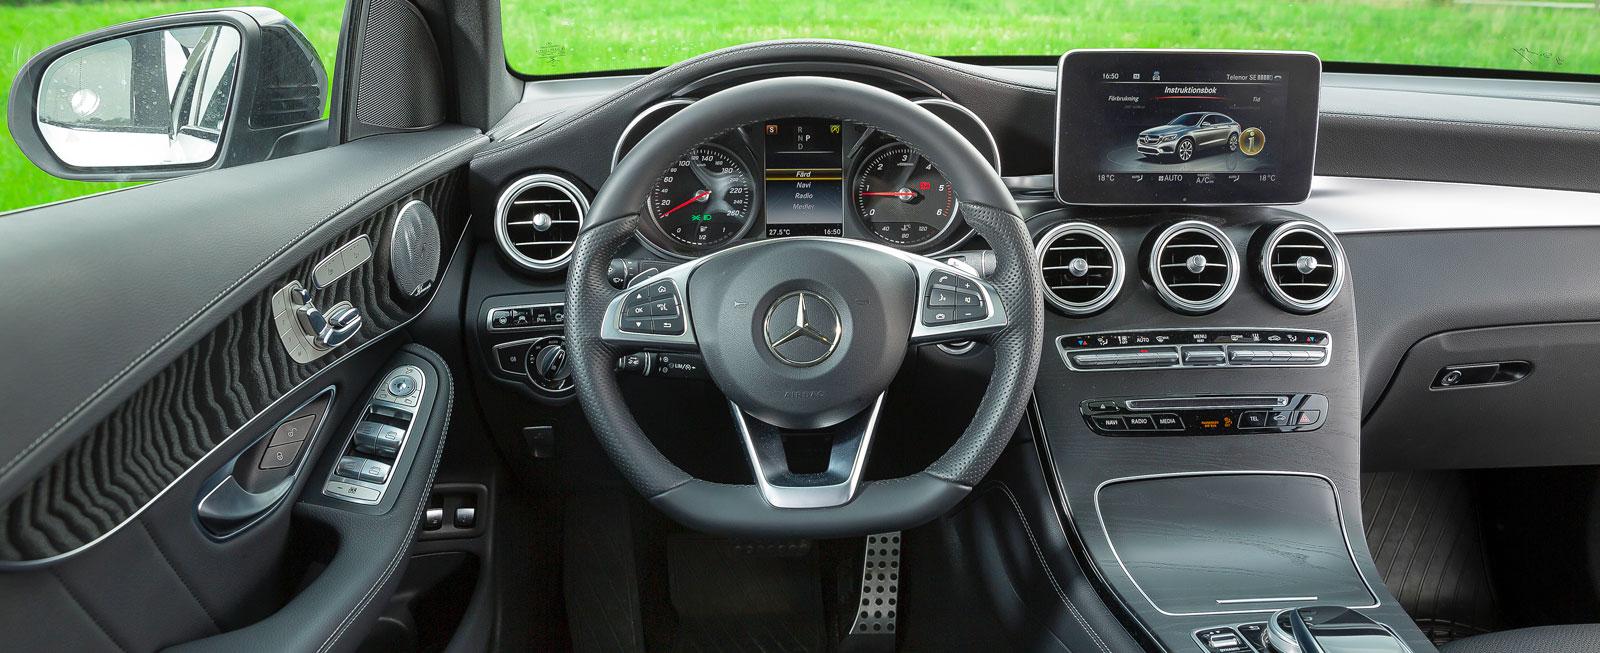 Stilen är bekant från flera Mercedes, handhavandet är mycket enkelt och även långbenta har gott om plats. Testbilens dörrpaneler knarrade oskönt.